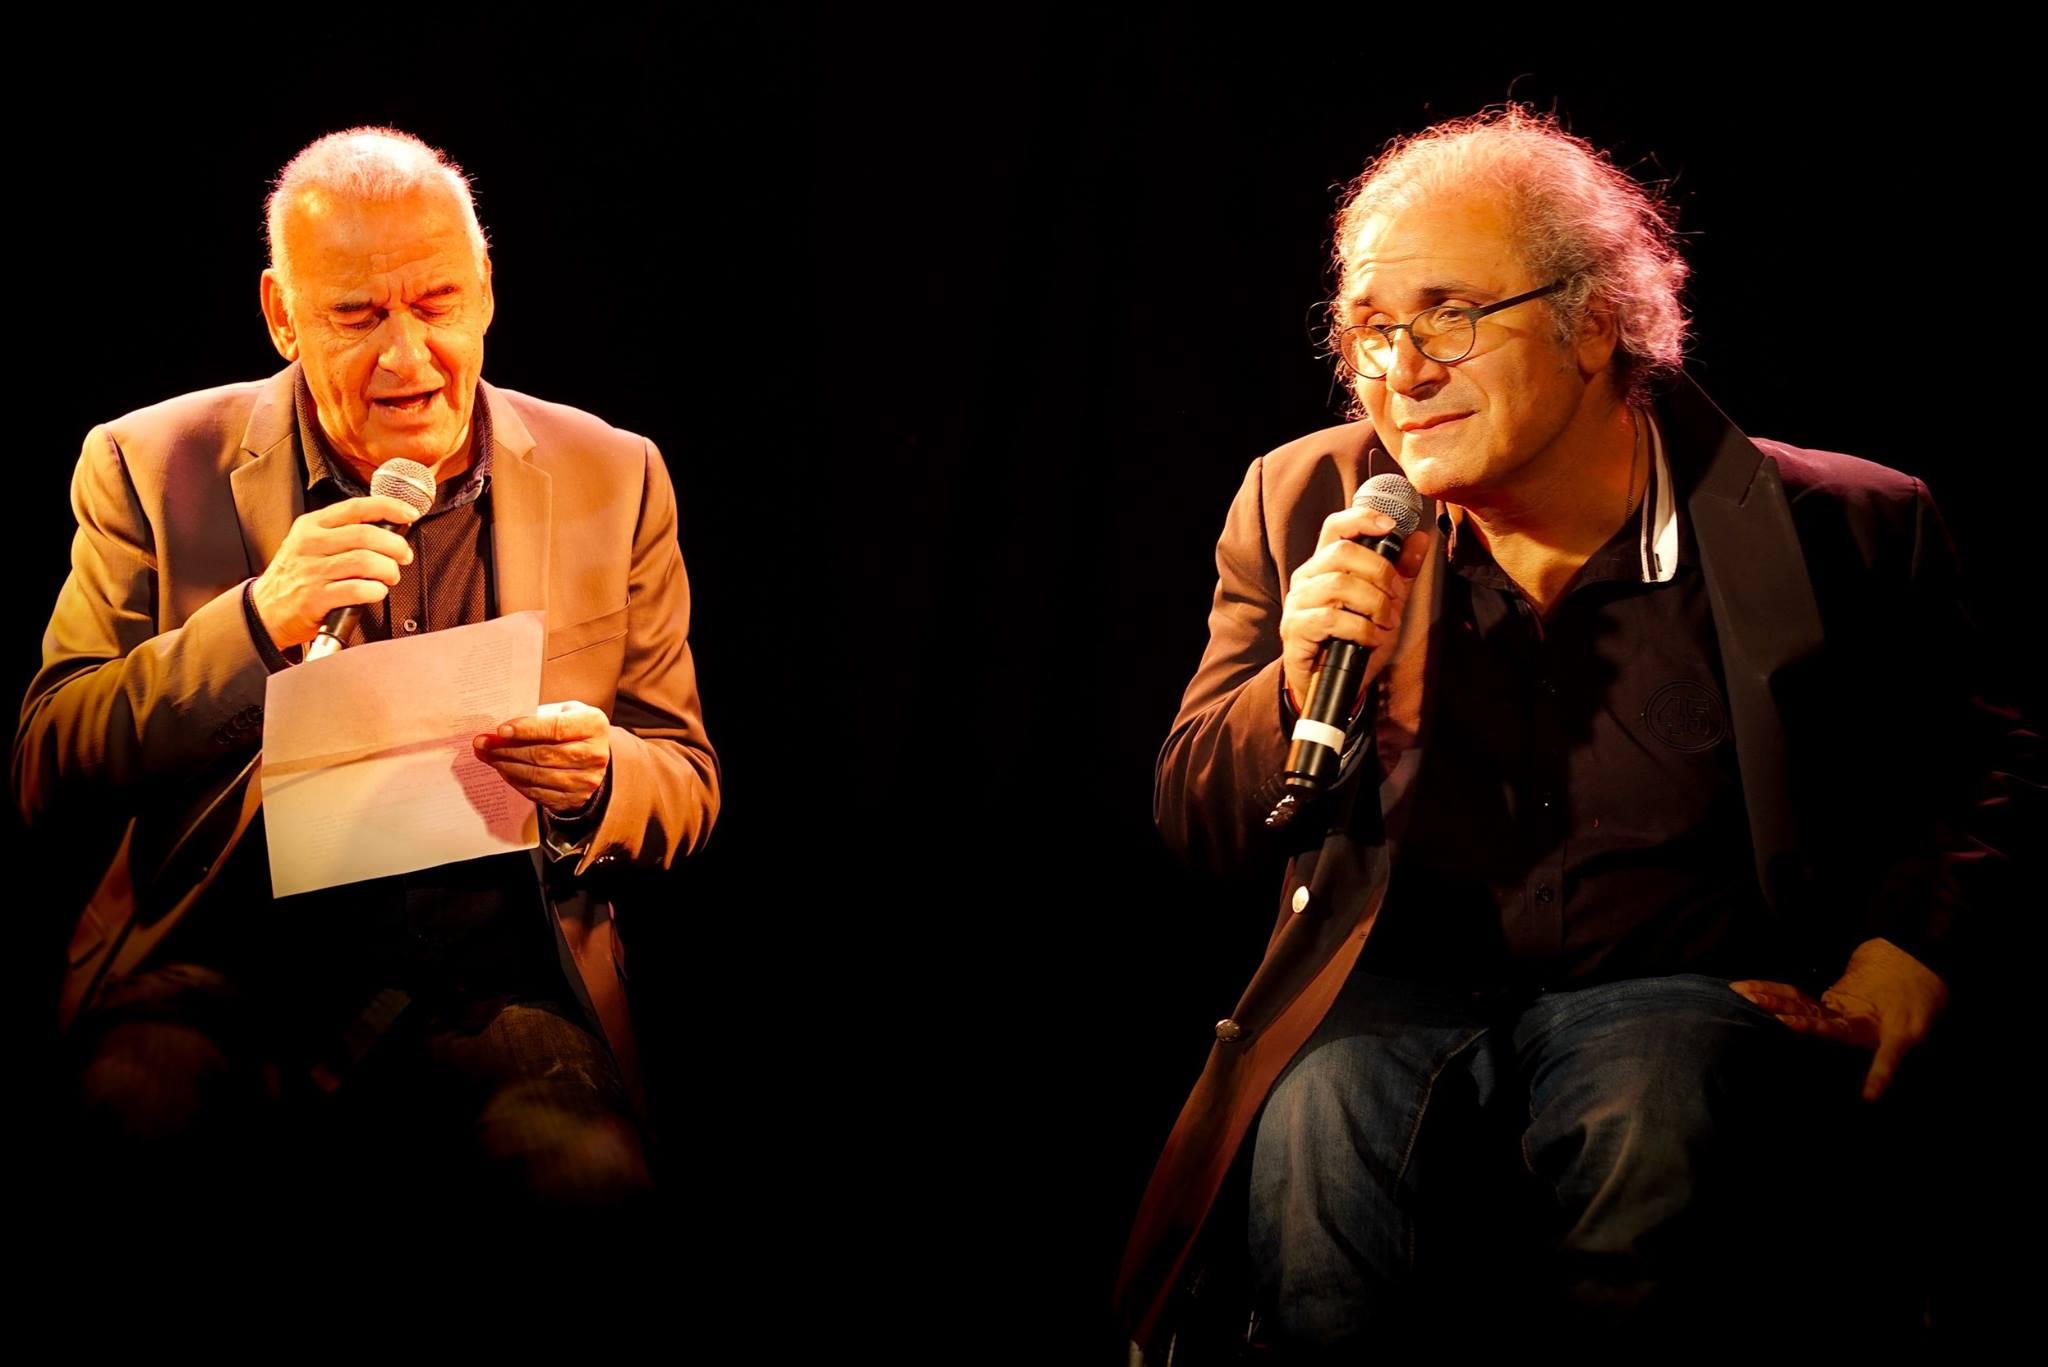 Fred Zeitoun duo